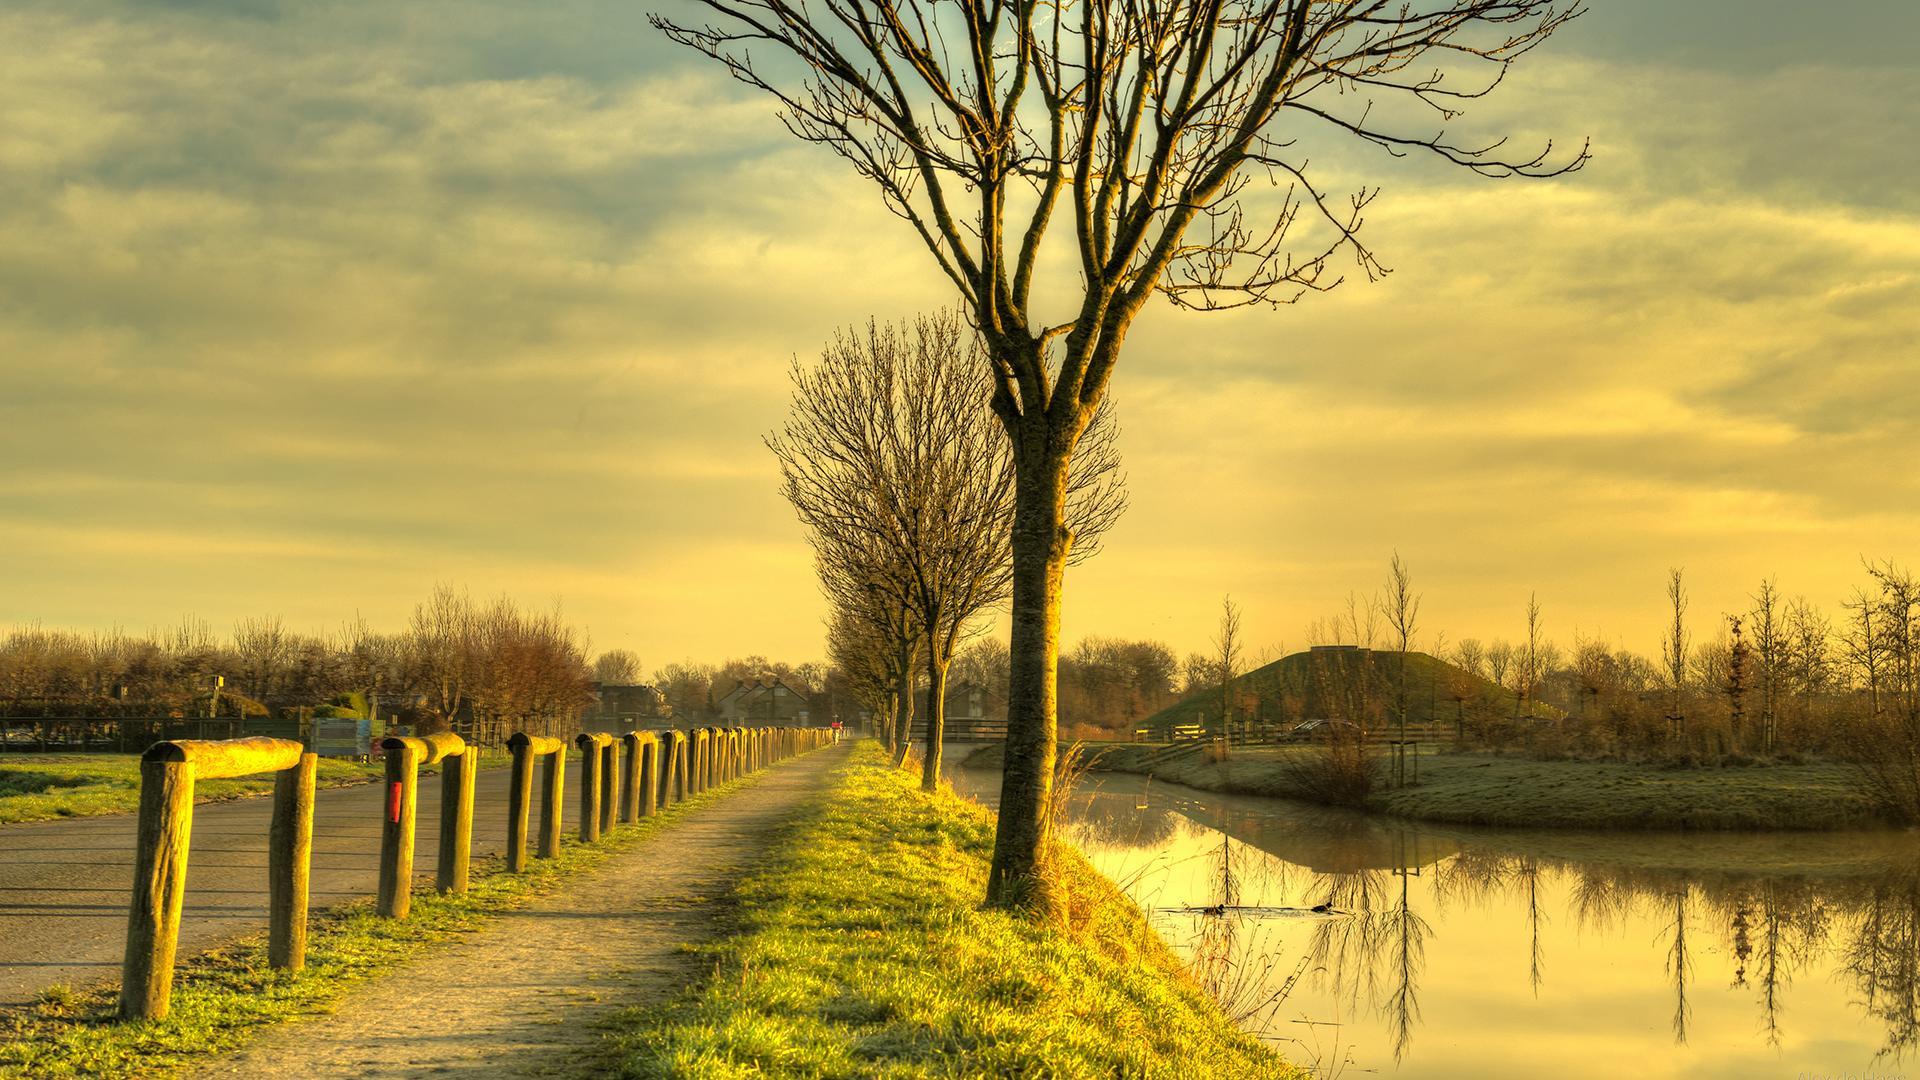 荷兰秋天风景图片桌面壁纸